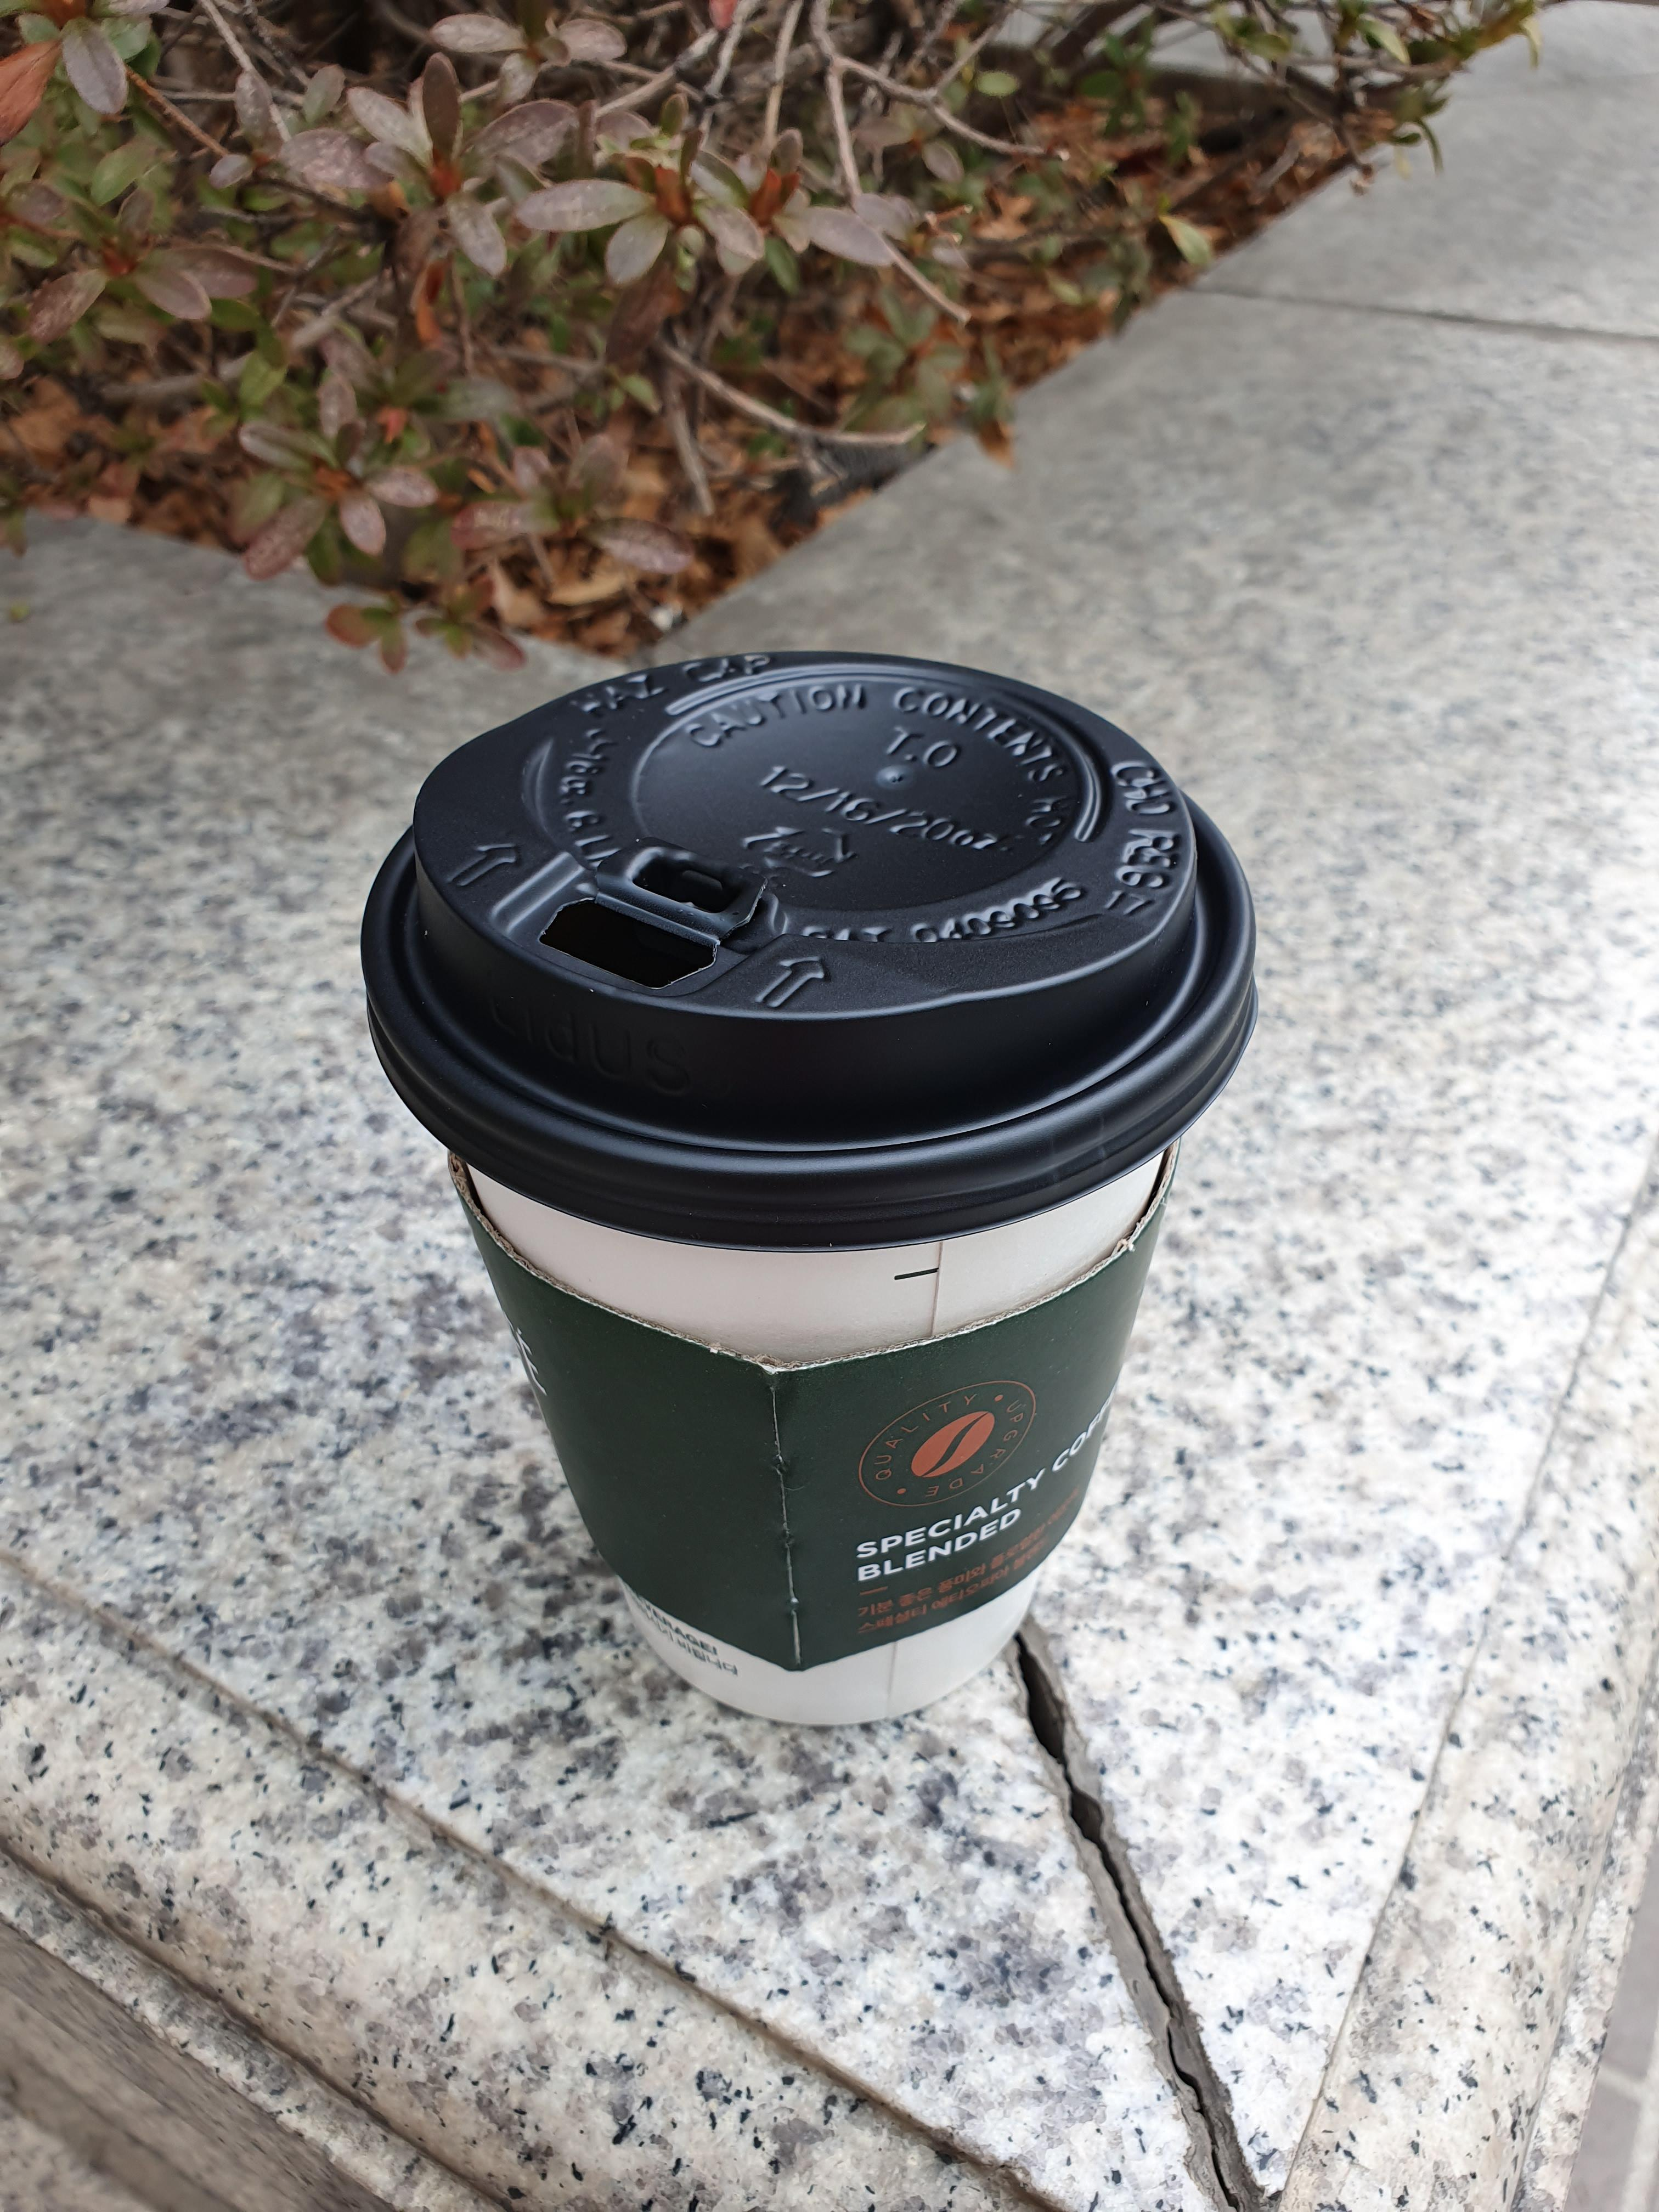 500원짜리 커피를 마시다 (500원의 행복) : 포인트 1천원 + 500원 결제